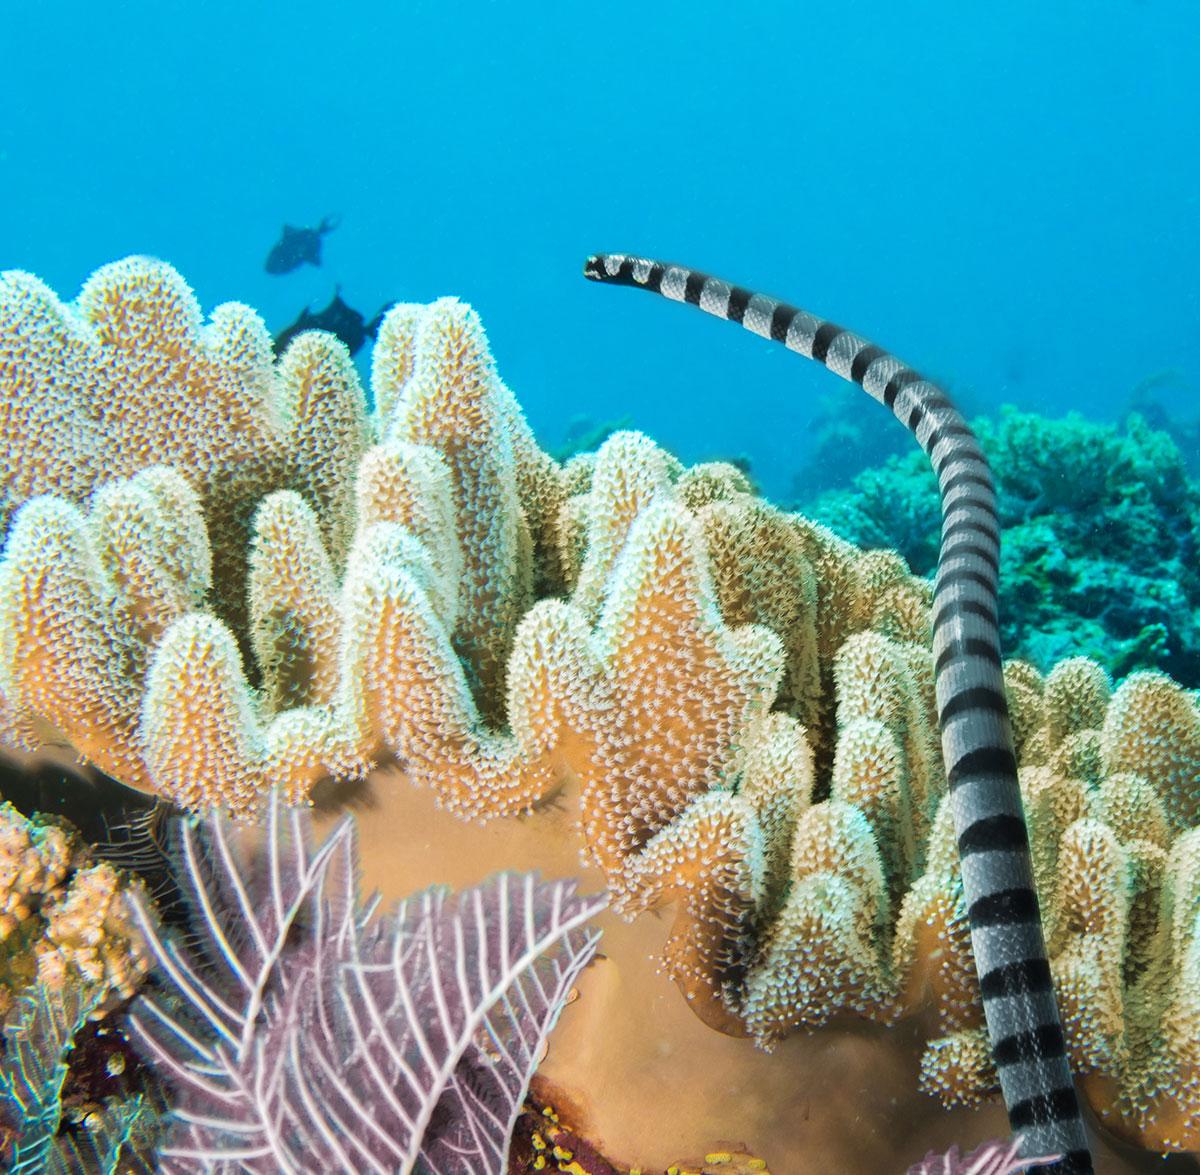 Seasnake, Bunaken Island, Manado, Indonesia